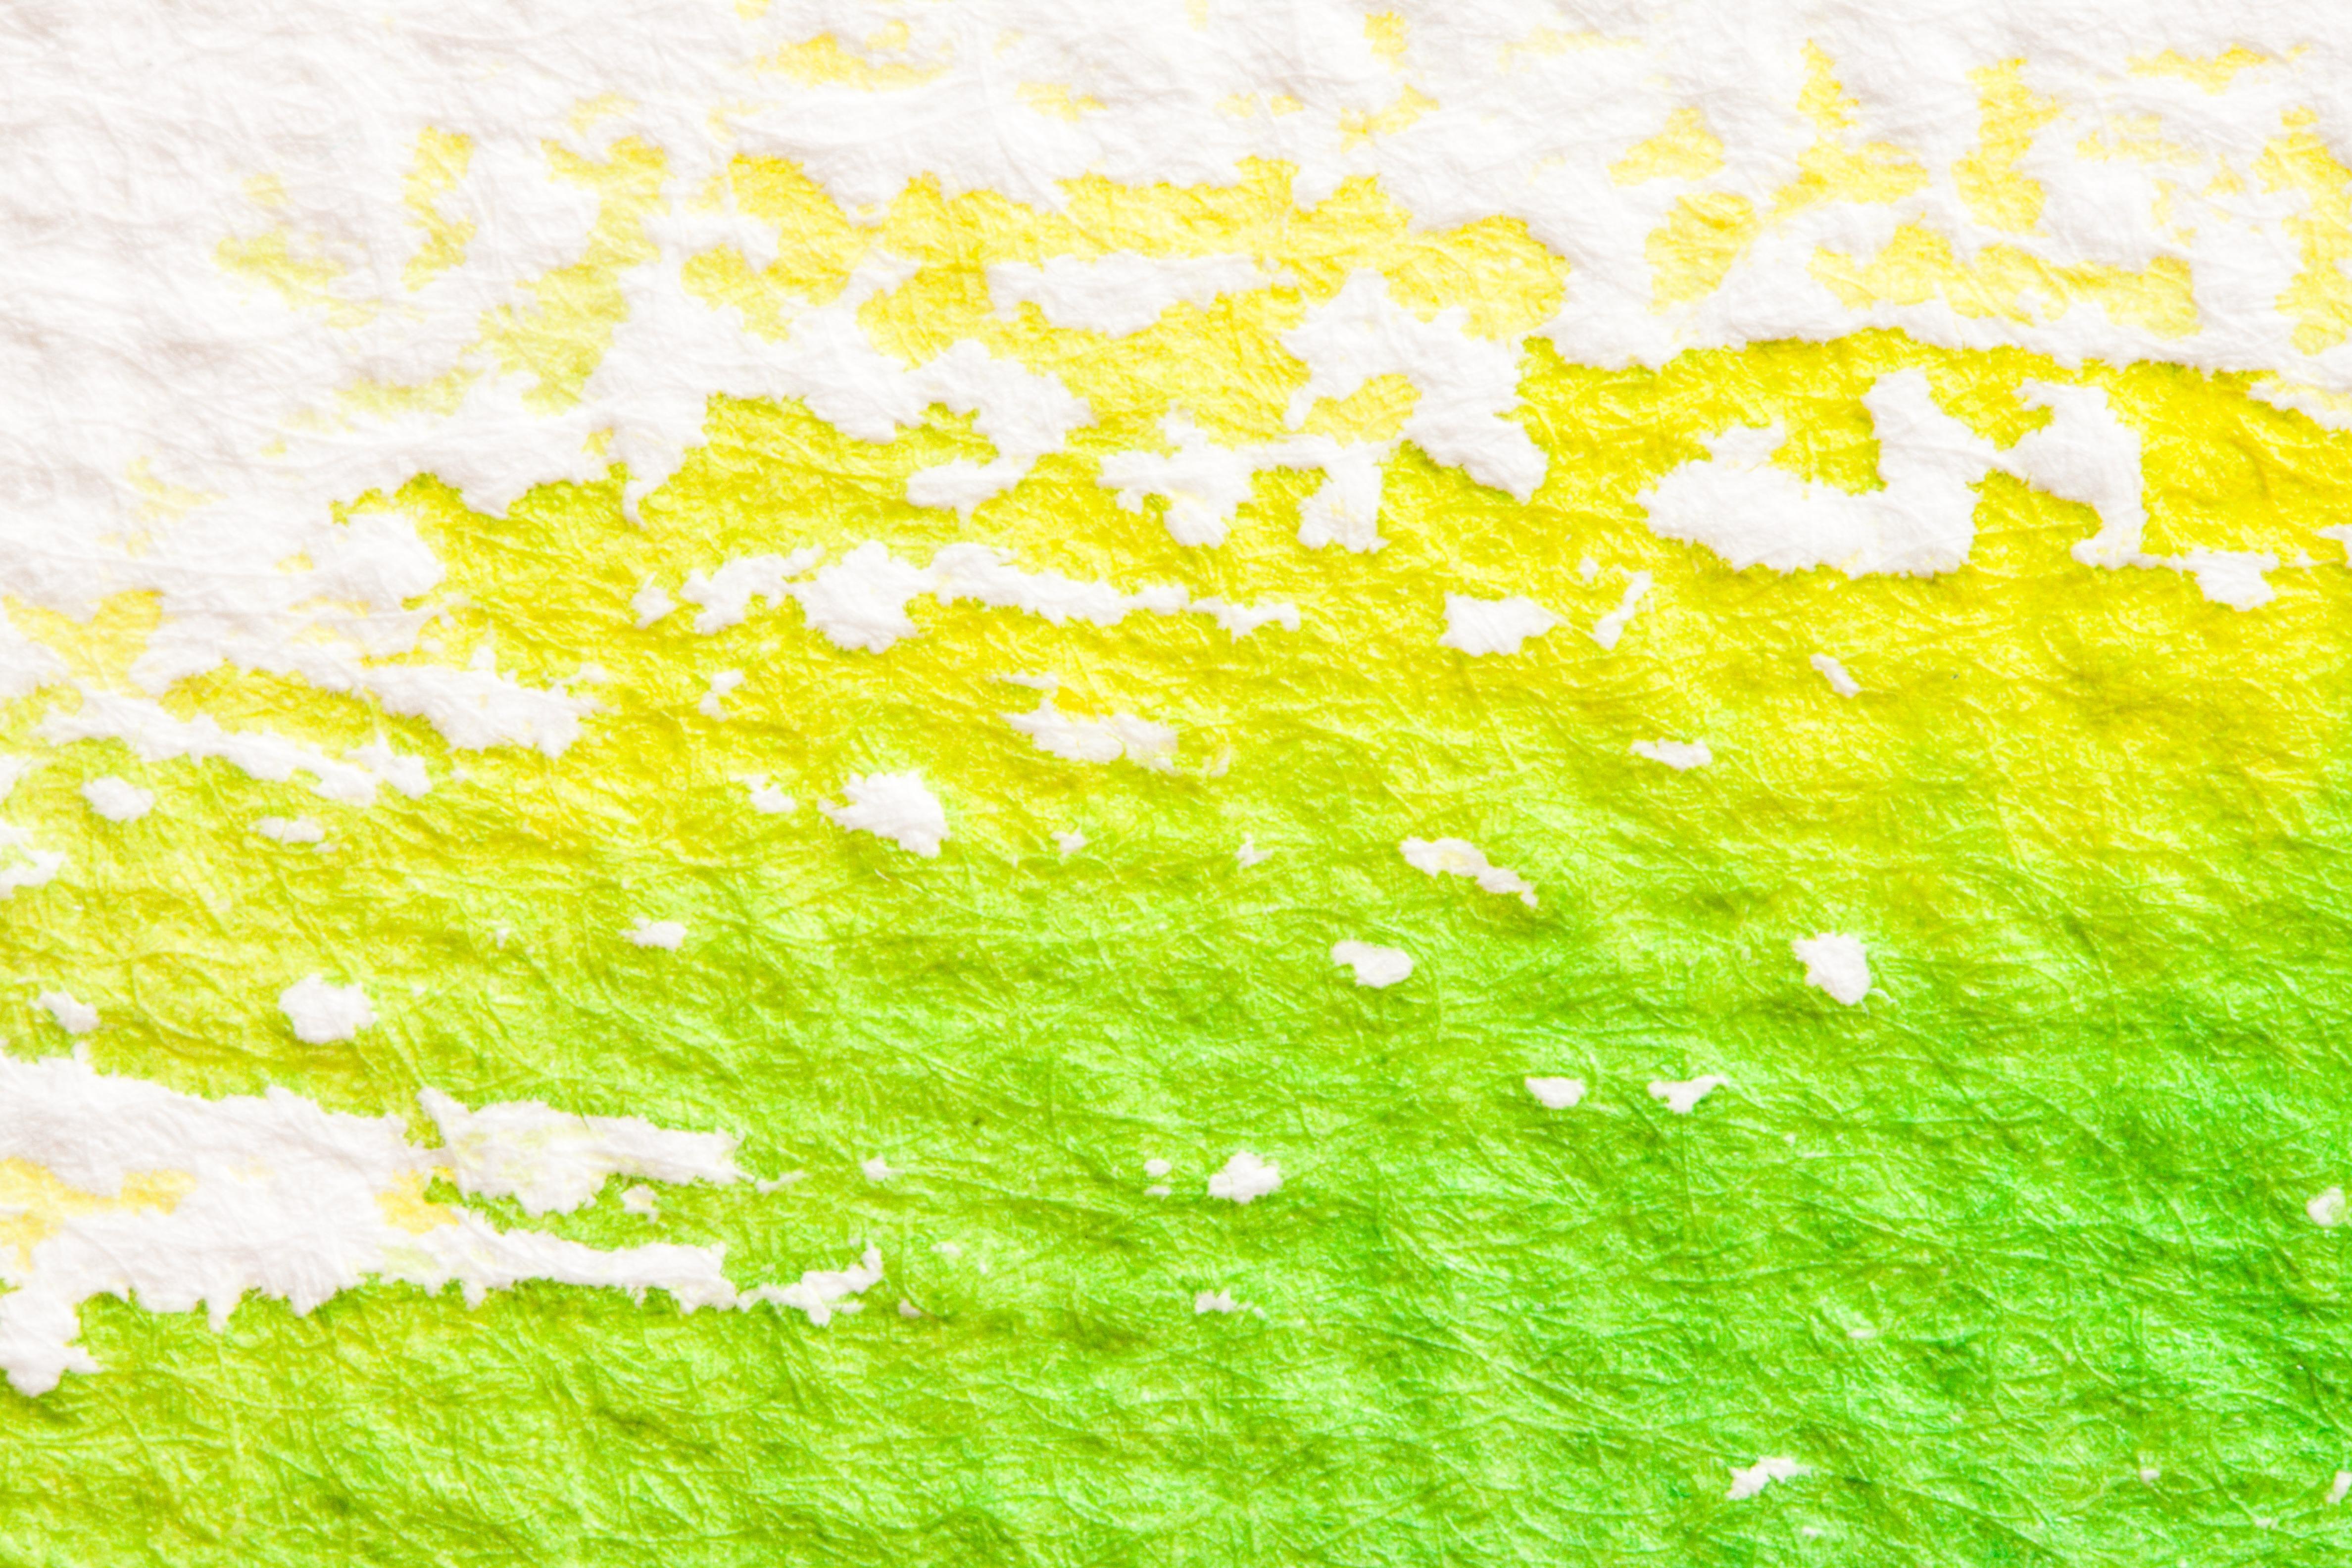 kostenlose foto gras ast pflanze rasen wiese sonnenlicht textur blatt blume fr hling. Black Bedroom Furniture Sets. Home Design Ideas